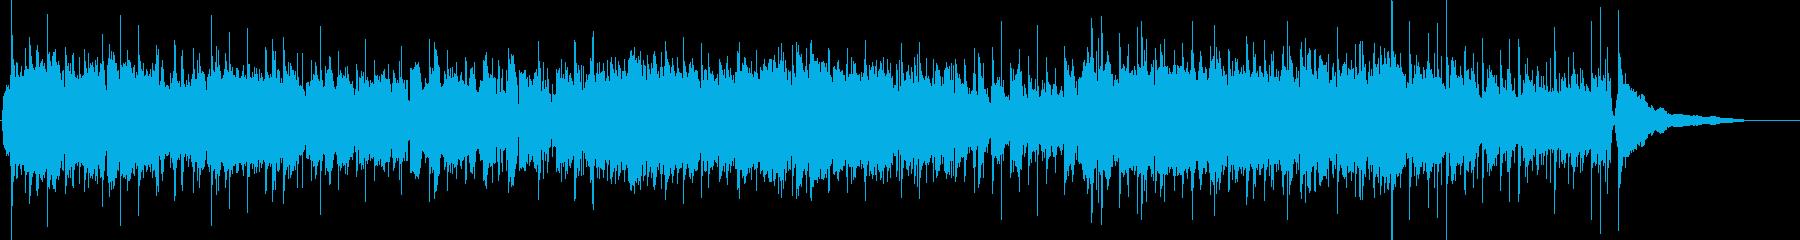 フルートがメインの明るいメロディの曲1の再生済みの波形